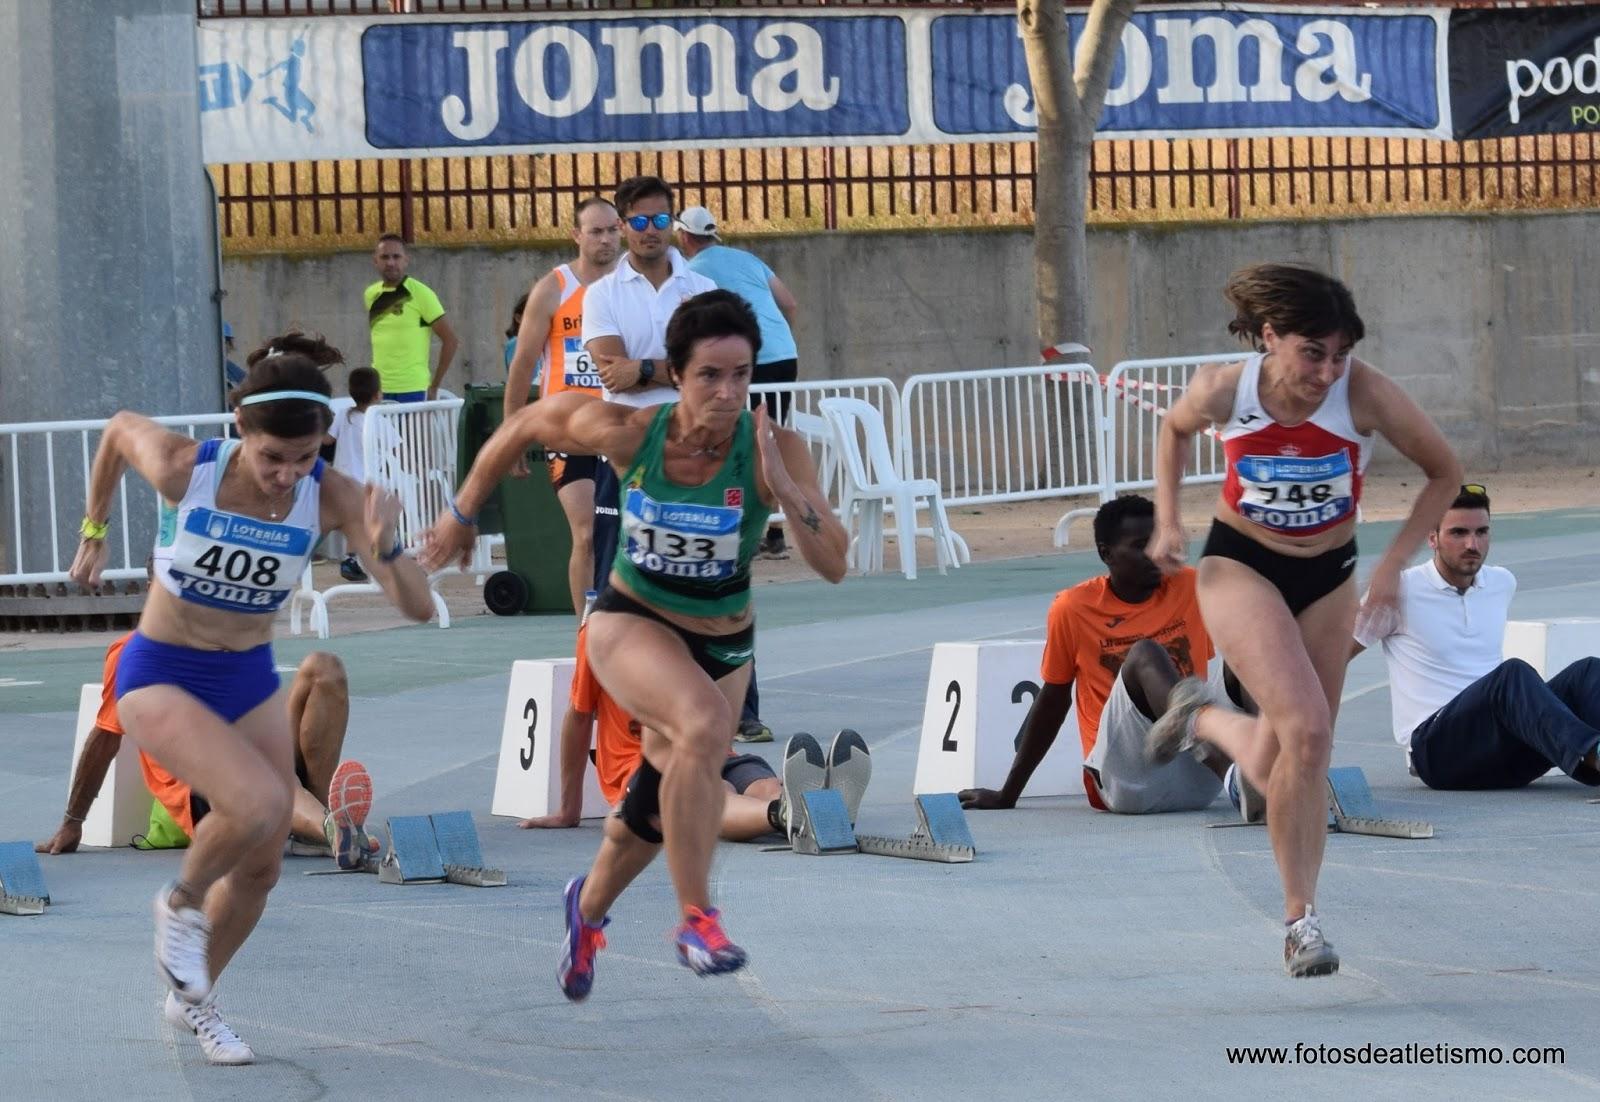 5bc9b6b9c0e1 atletismo y algo más: #Fotosdeatletismo. 12260. #Recuerdosaño2017 ...